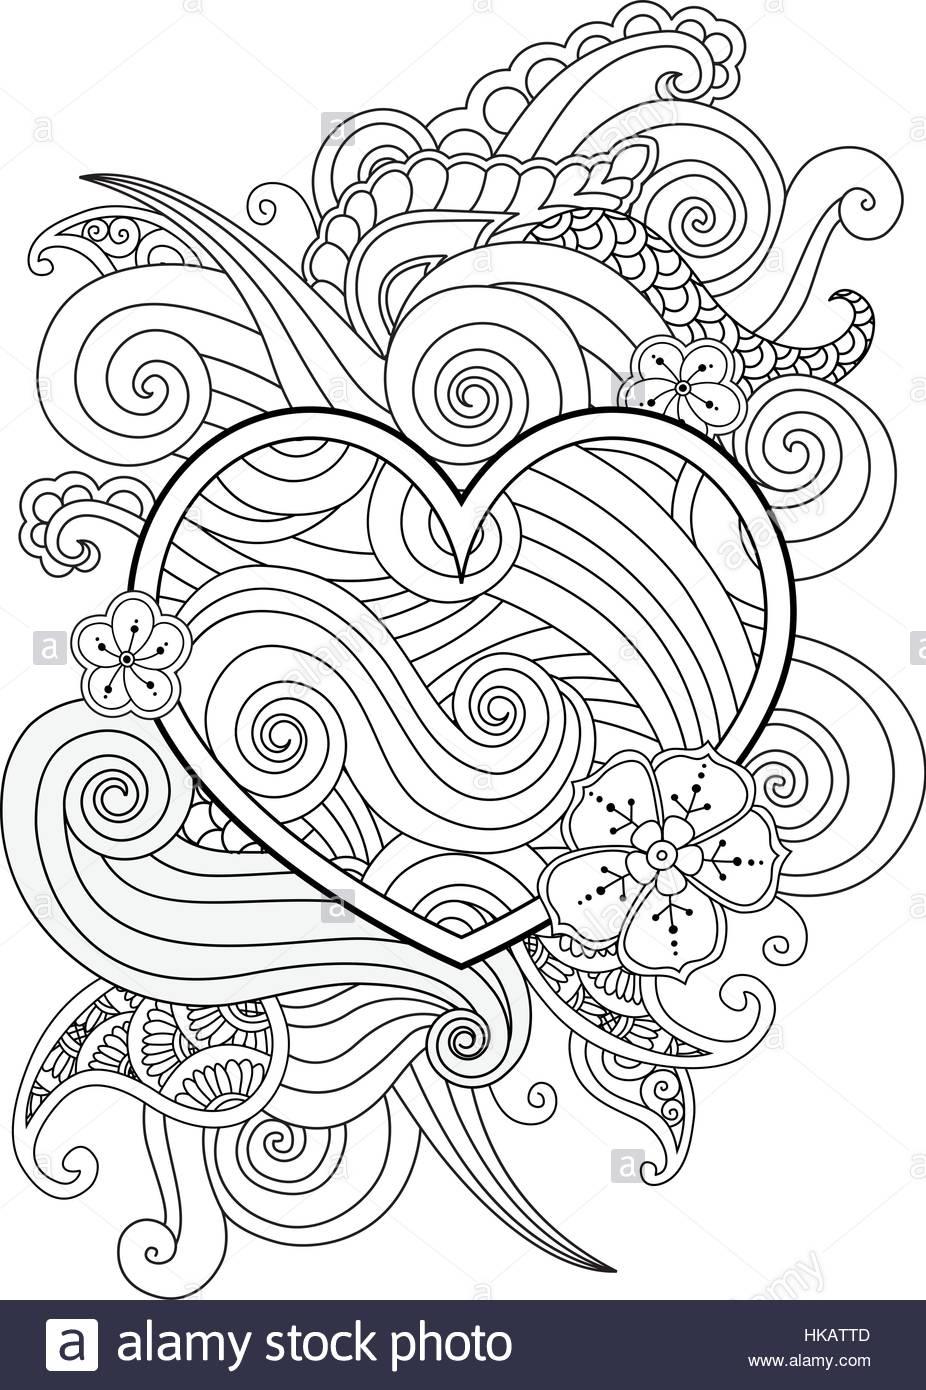 Coloriage Avec Cœur Et Abstrait Élément Isolé. Happy pour Coloriage Graphique